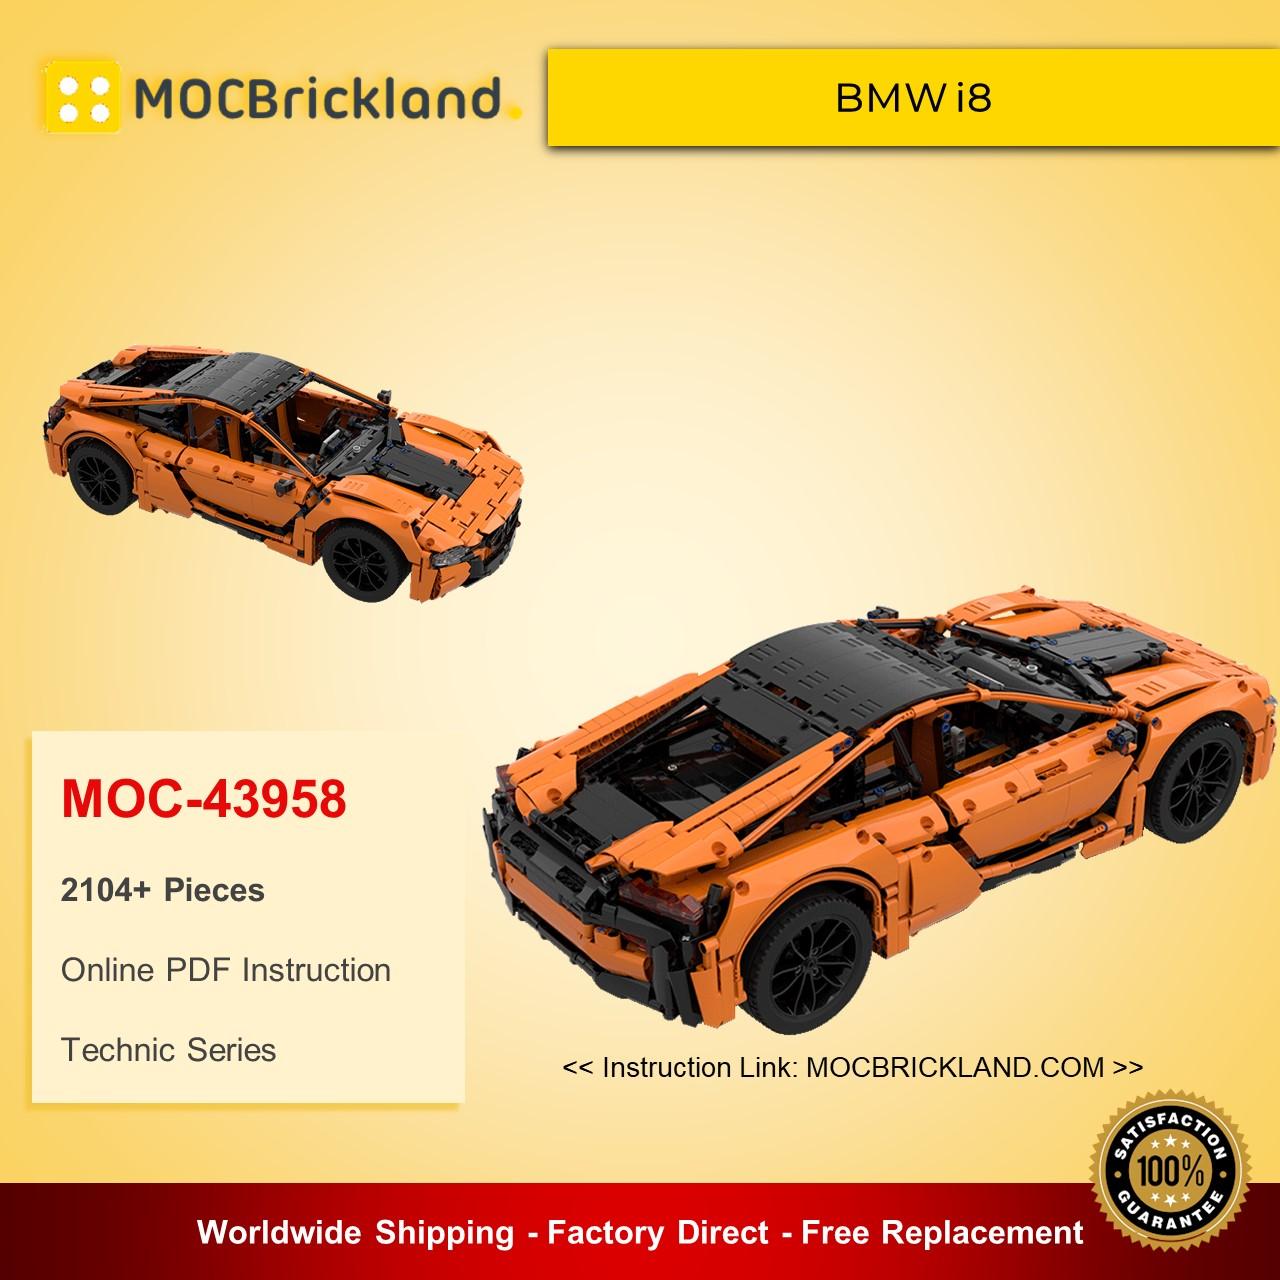 Technic MOC-43958 BMW i8 By GeyserBricks MOCBRICKLAND